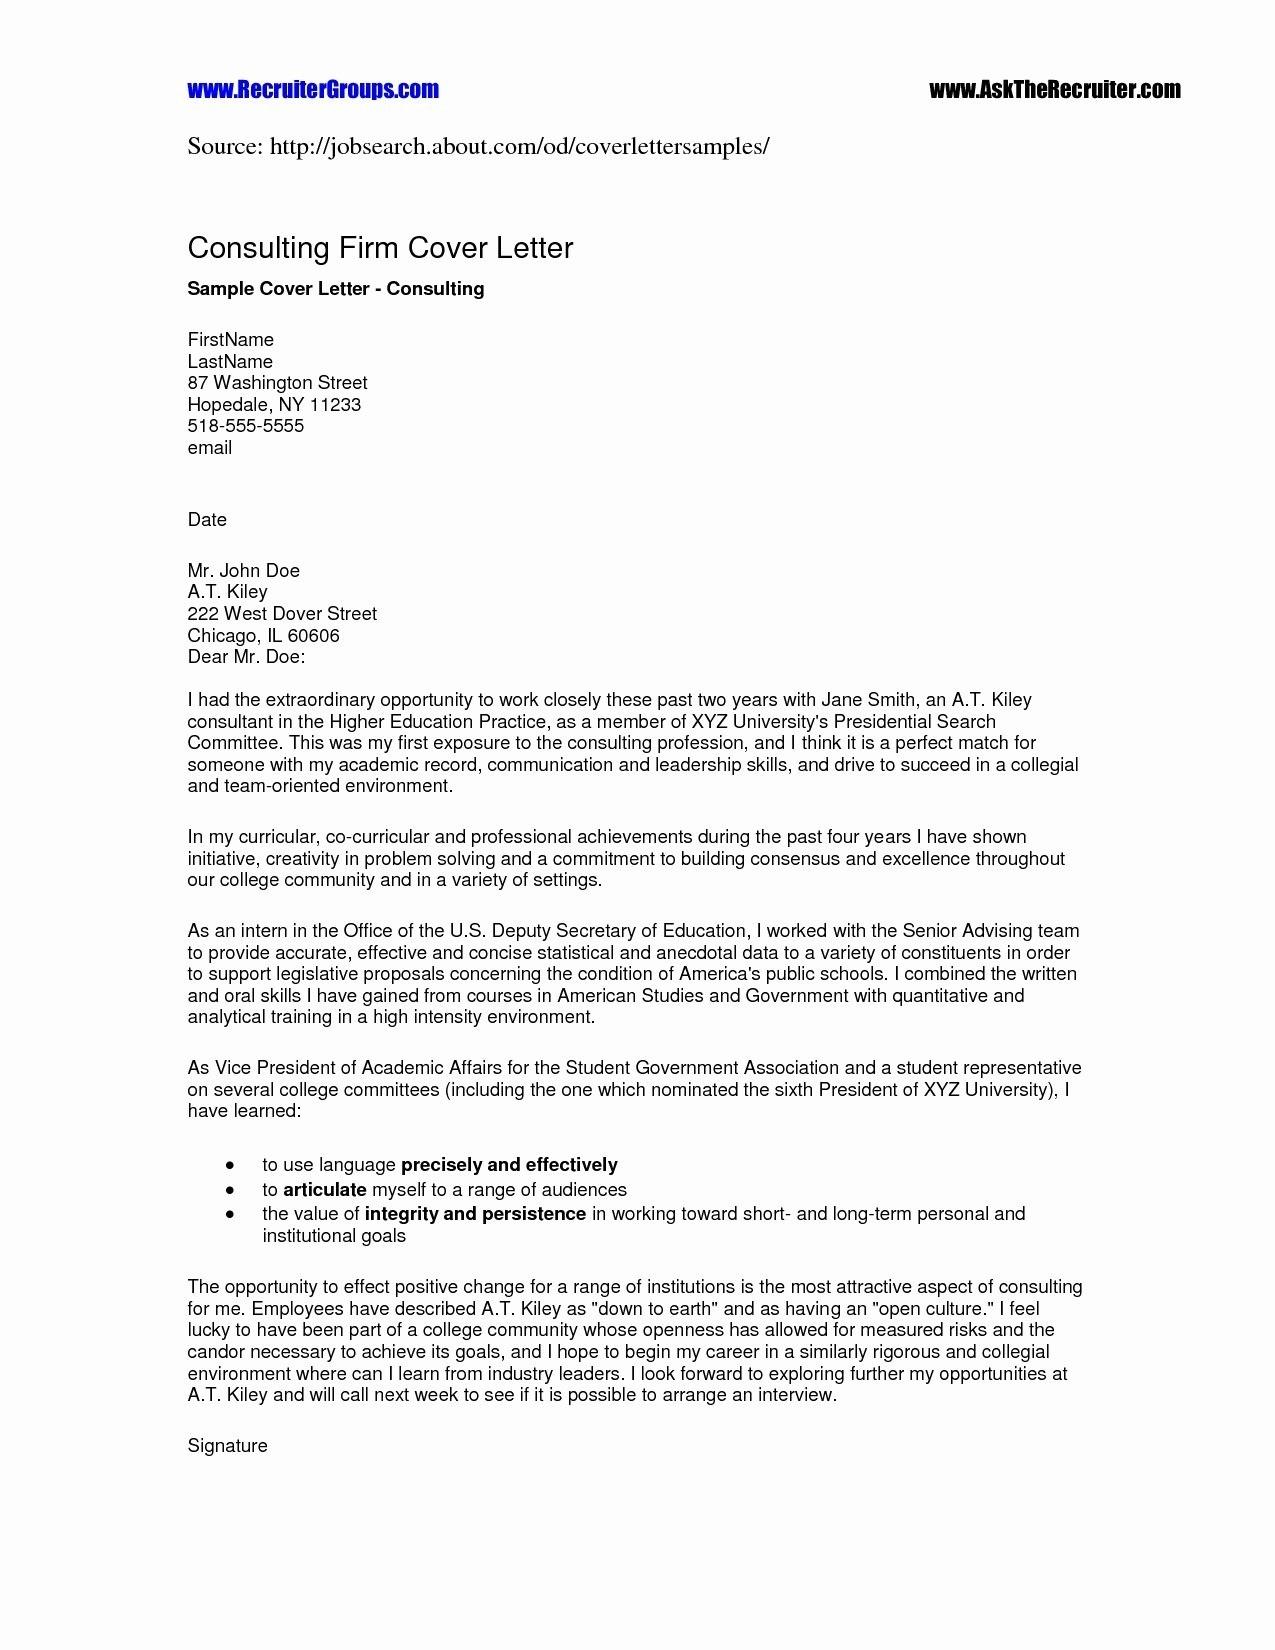 Teacher Application Cover Letter Template - Job Application Letter for Lecturer Inspirationa Teacher Resume